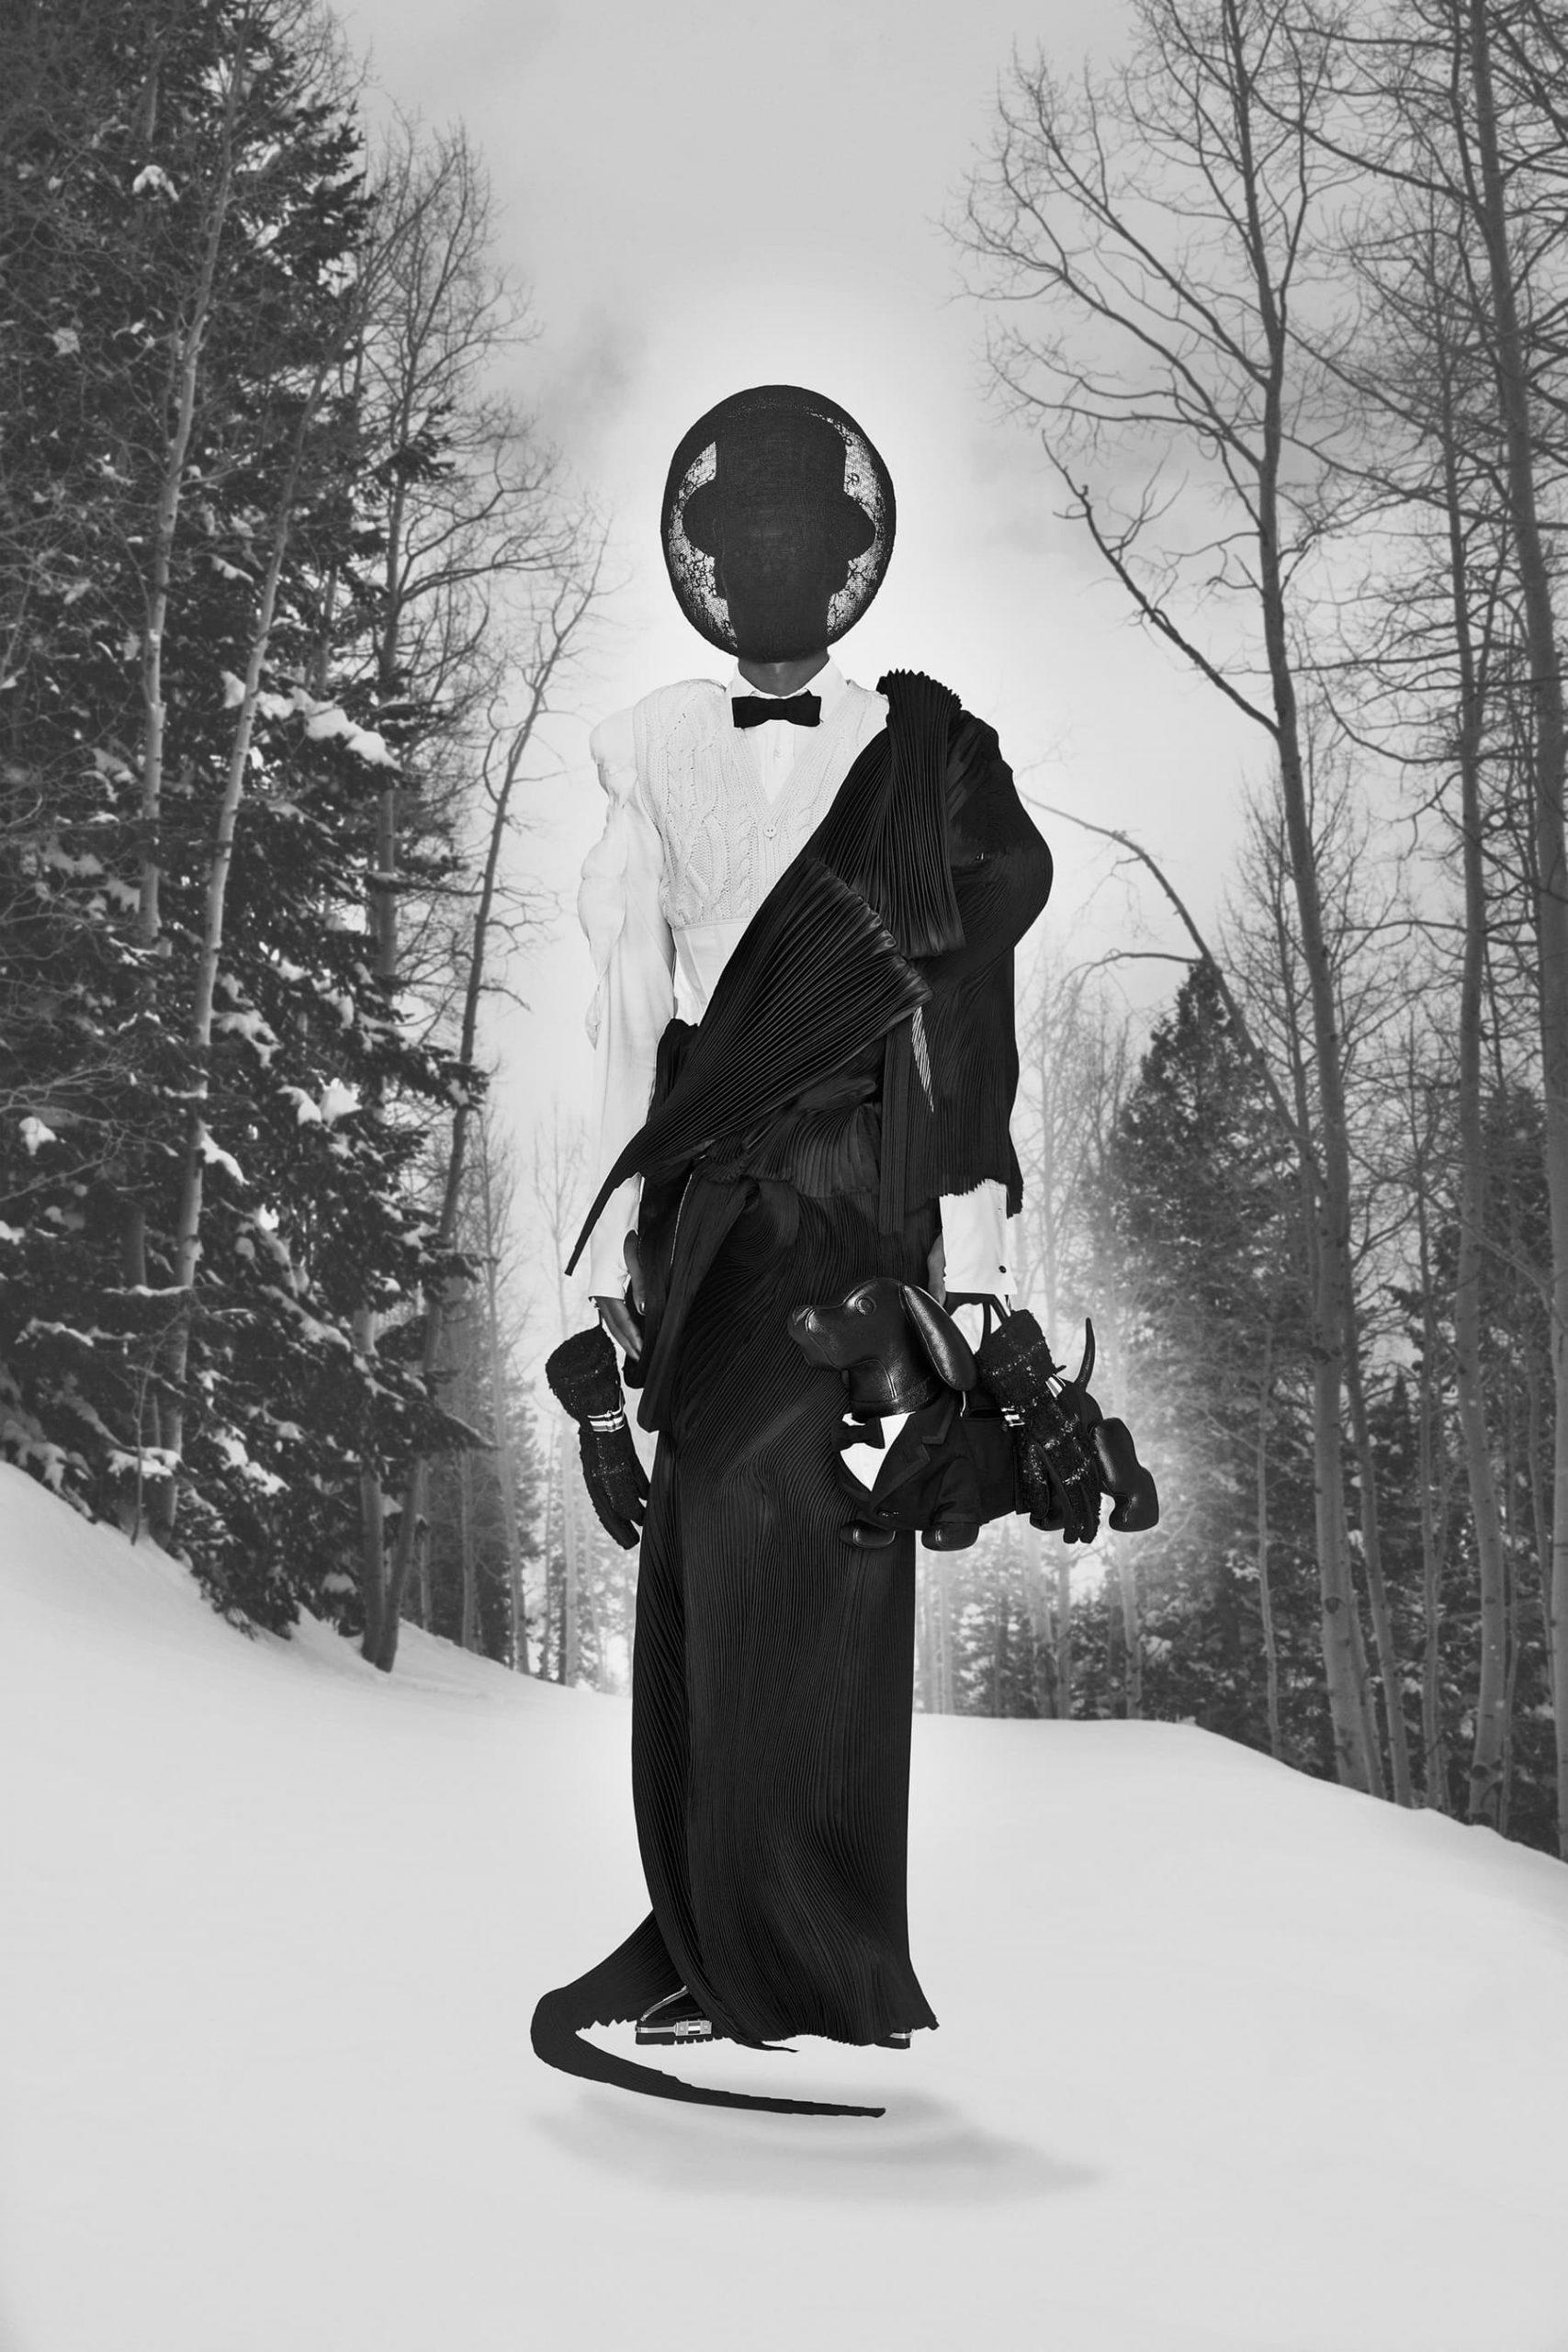 Thom Browne Fall 2021 Fashion Show Review